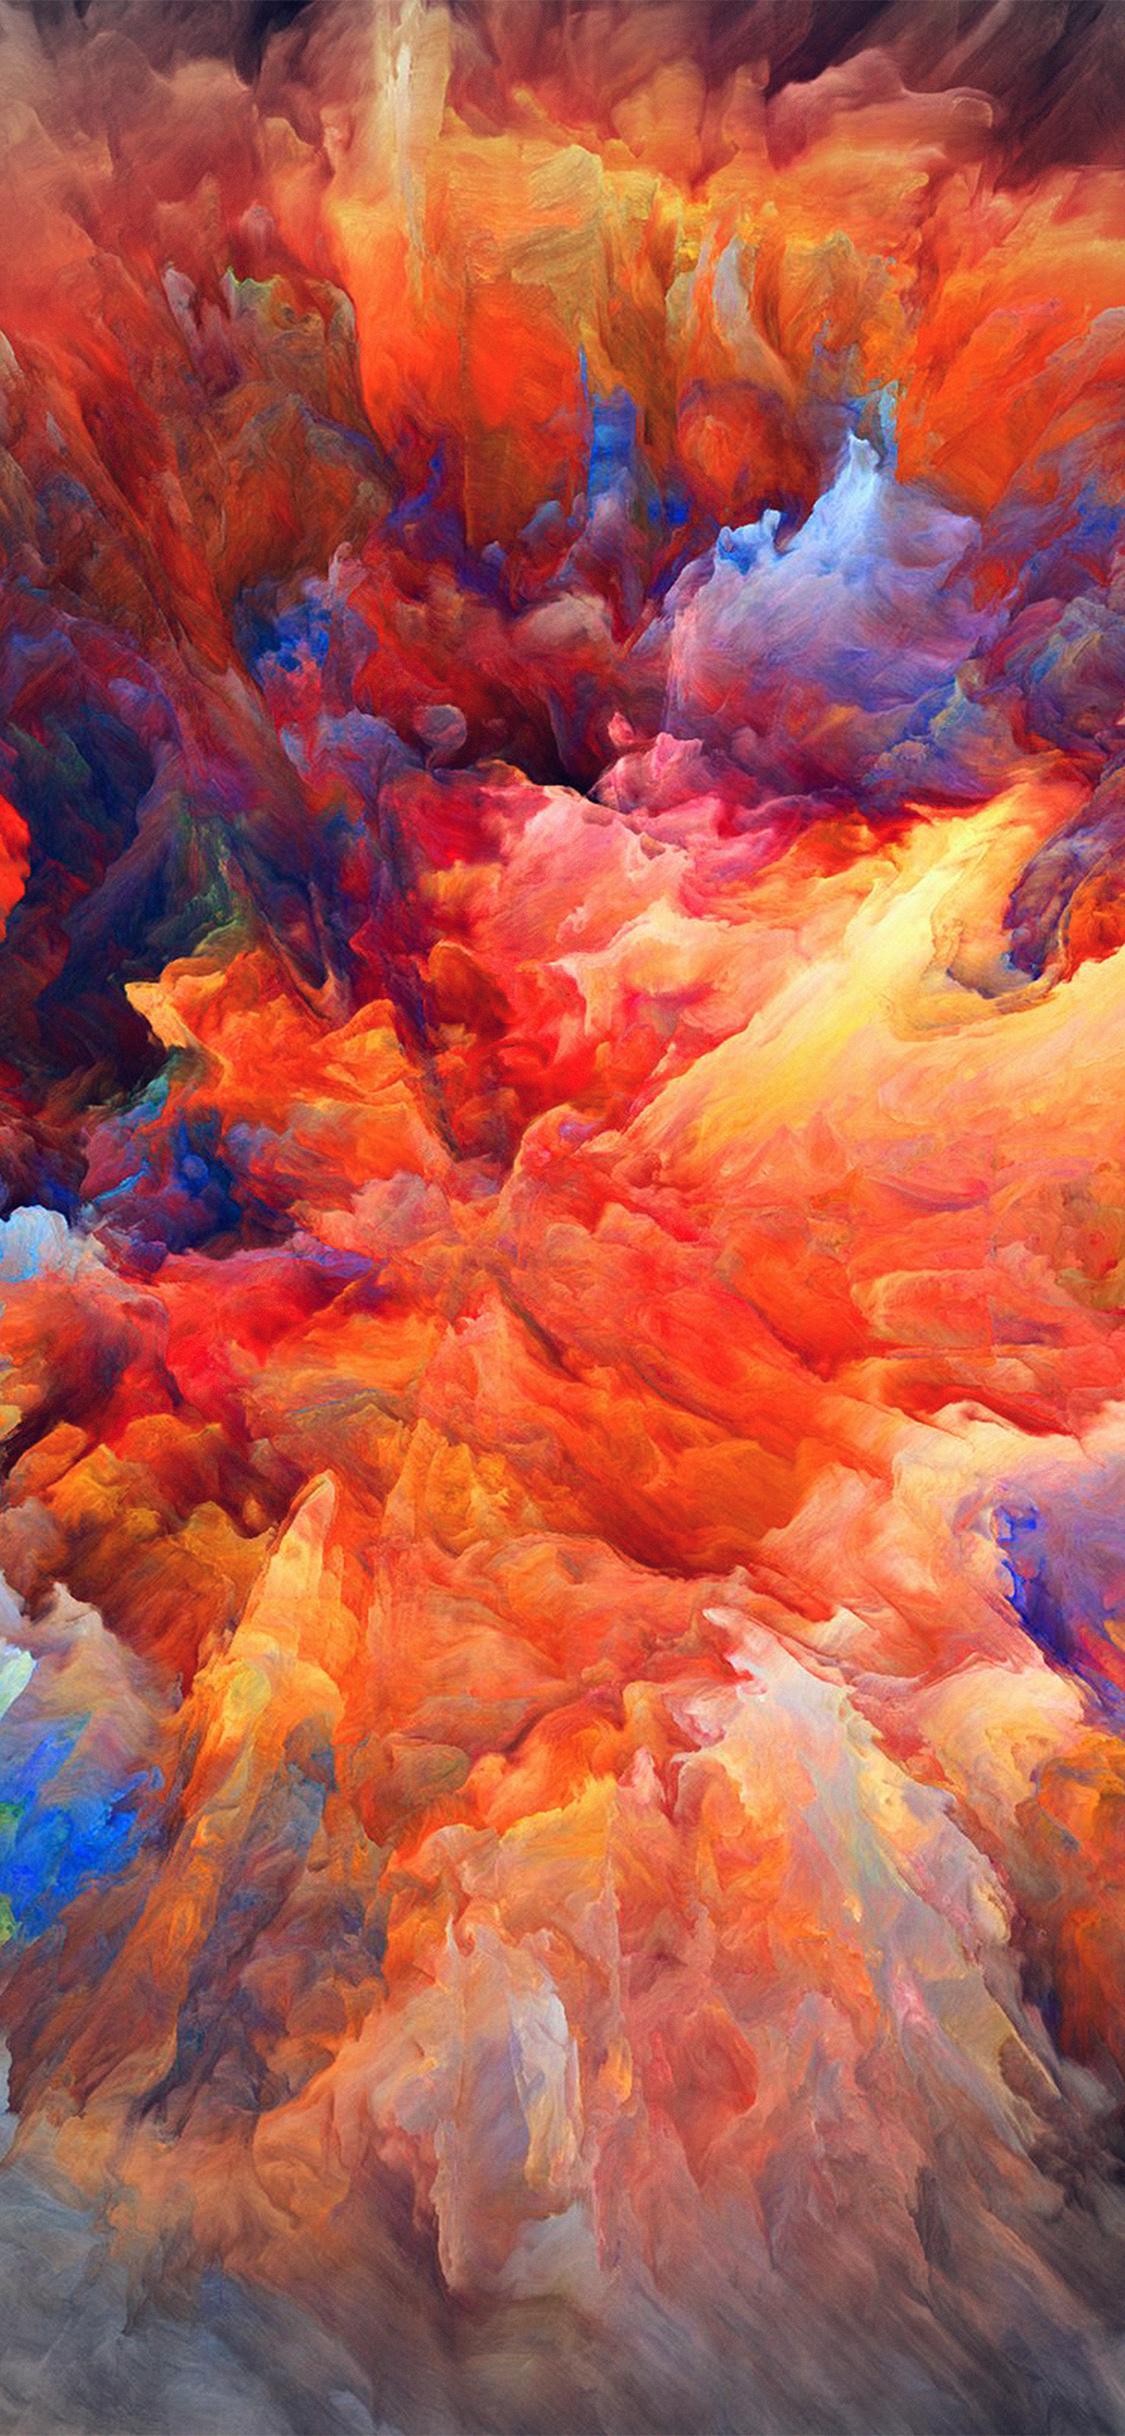 Car Paint Colors >> vq22-color-explosion-red-paint-pattern-soft-wallpaper